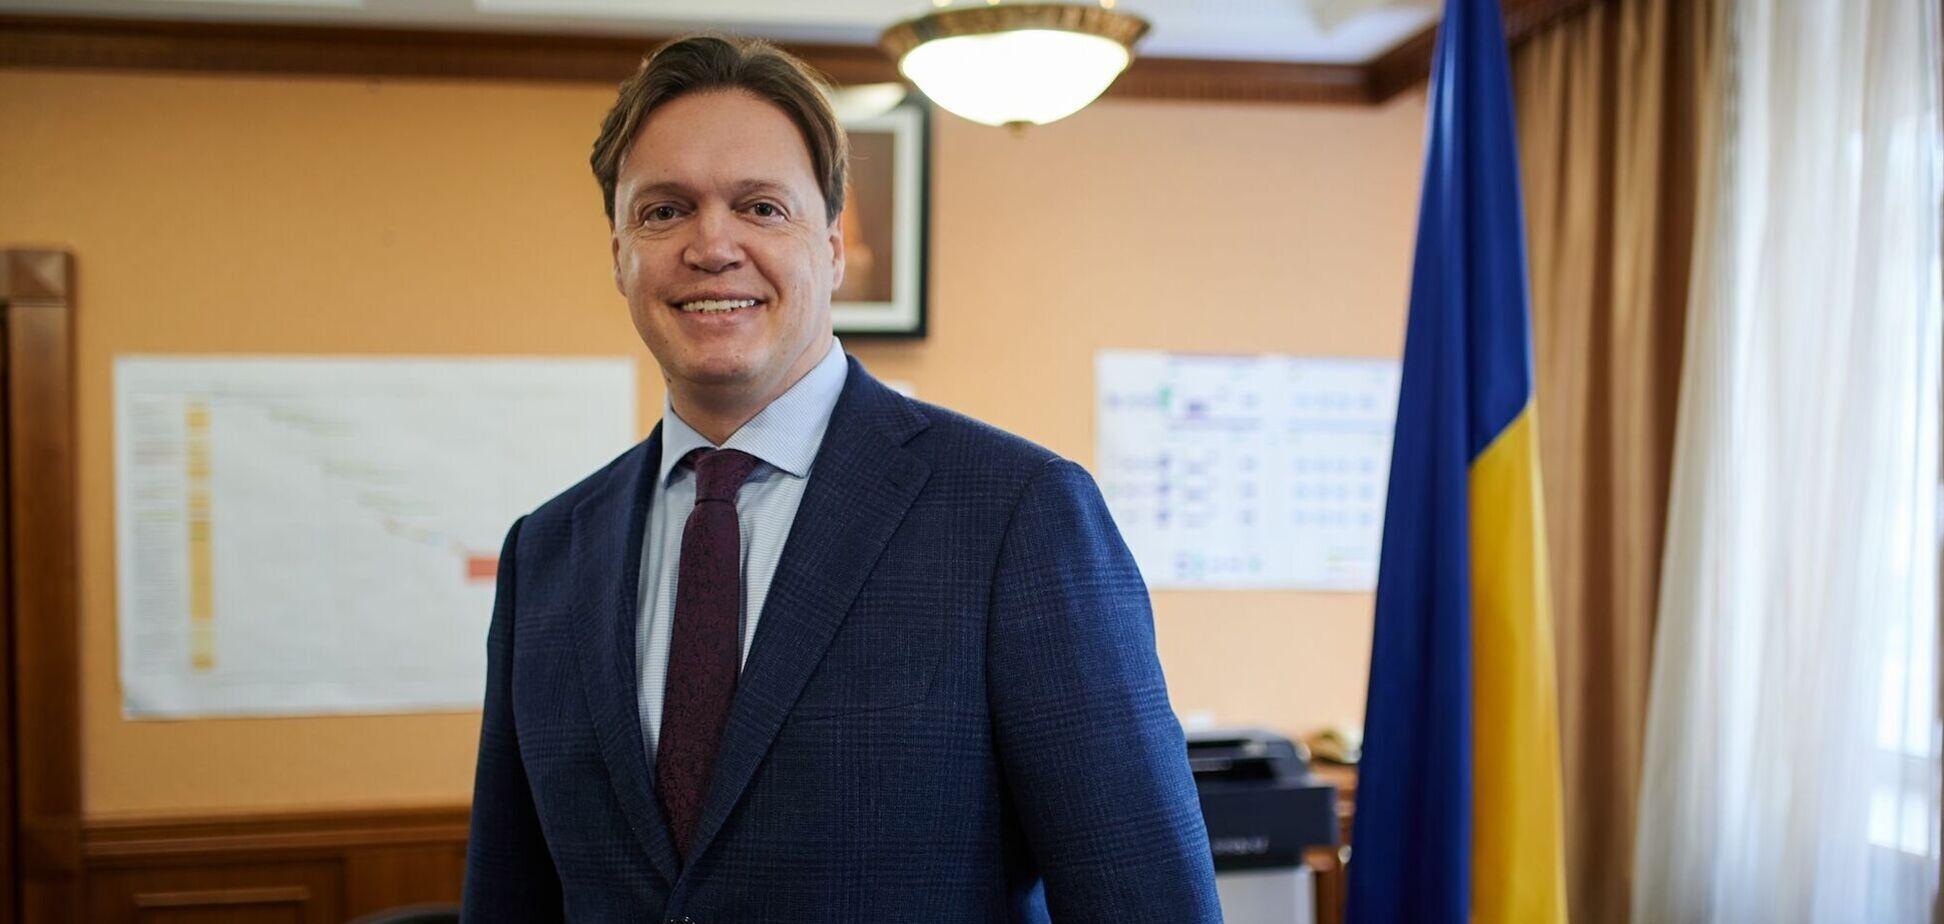 Сенниченко повідомив, що першим об'єктом великої приватизації стане ОГХК